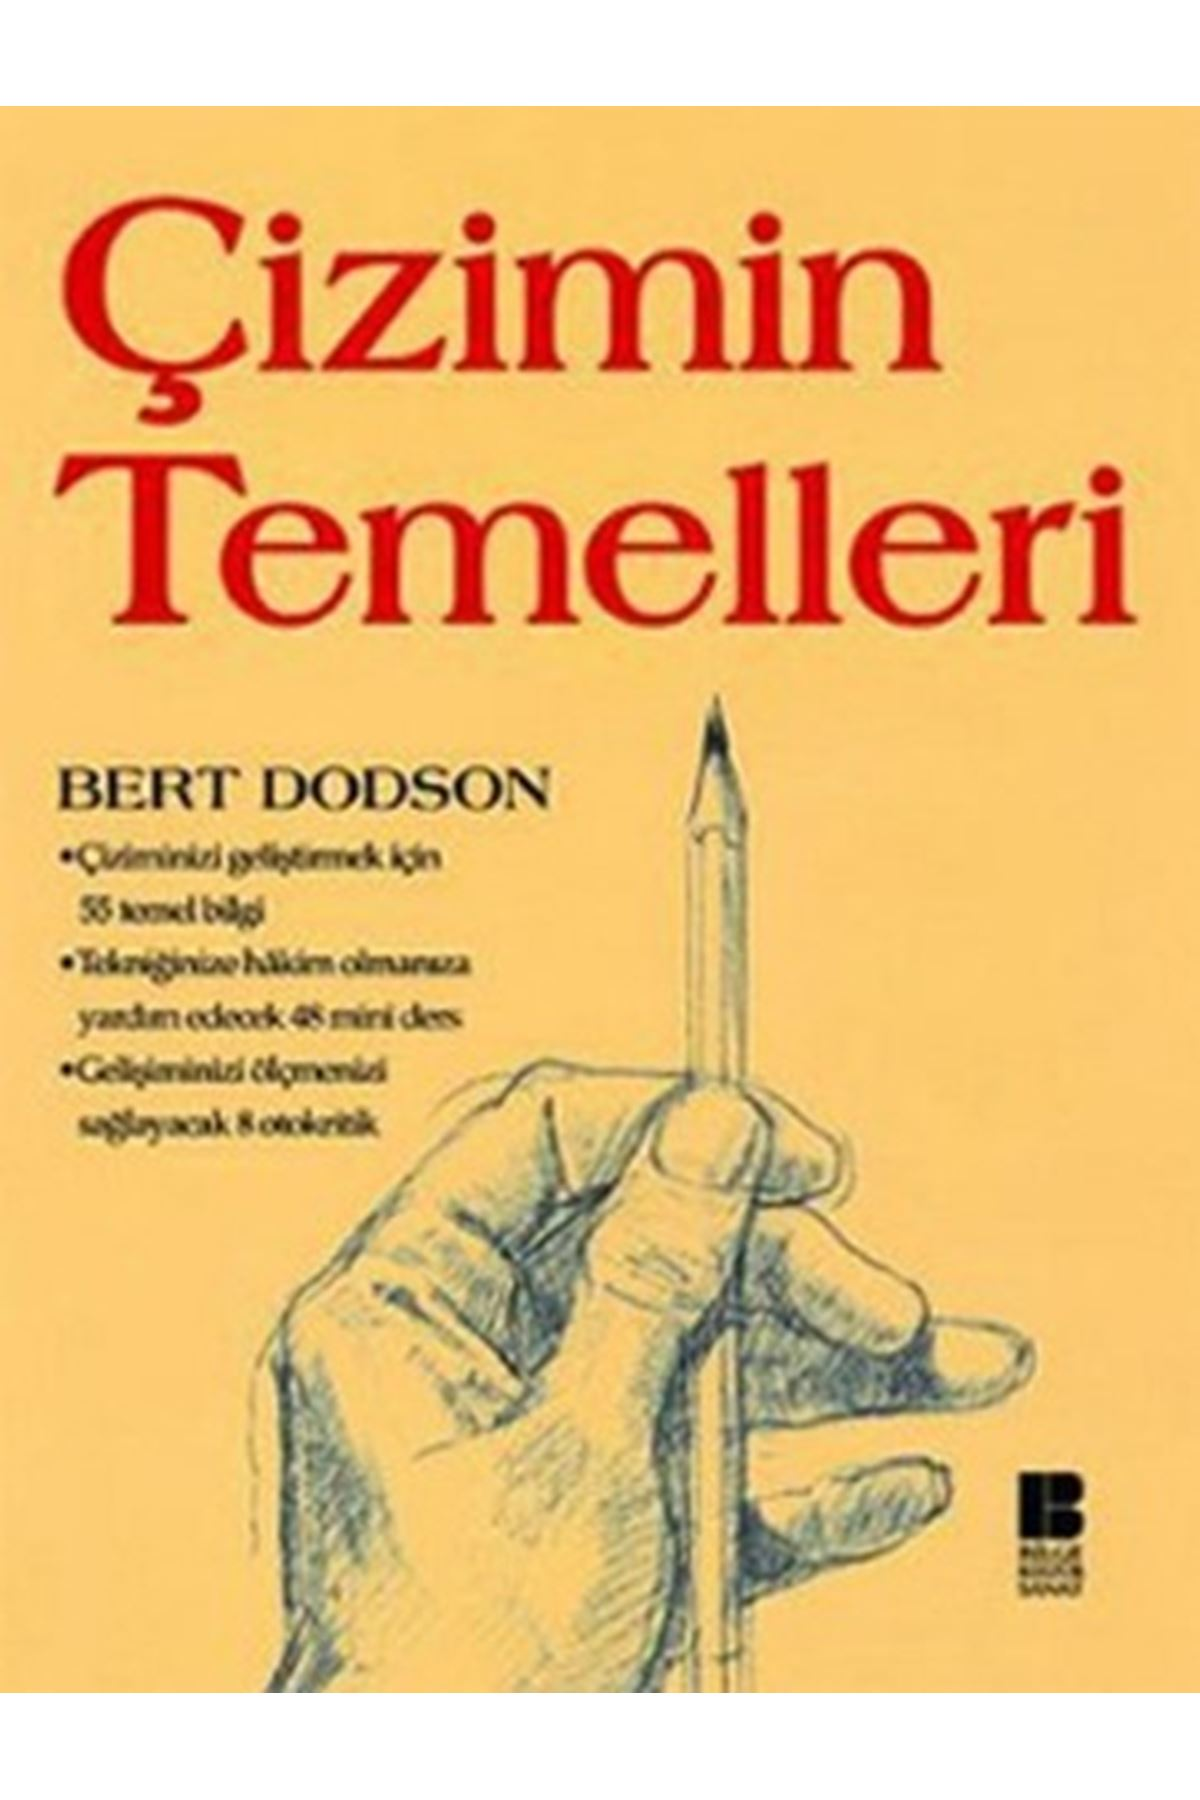 BERT DODSON - ÇİZİMİN TEMELLERİ